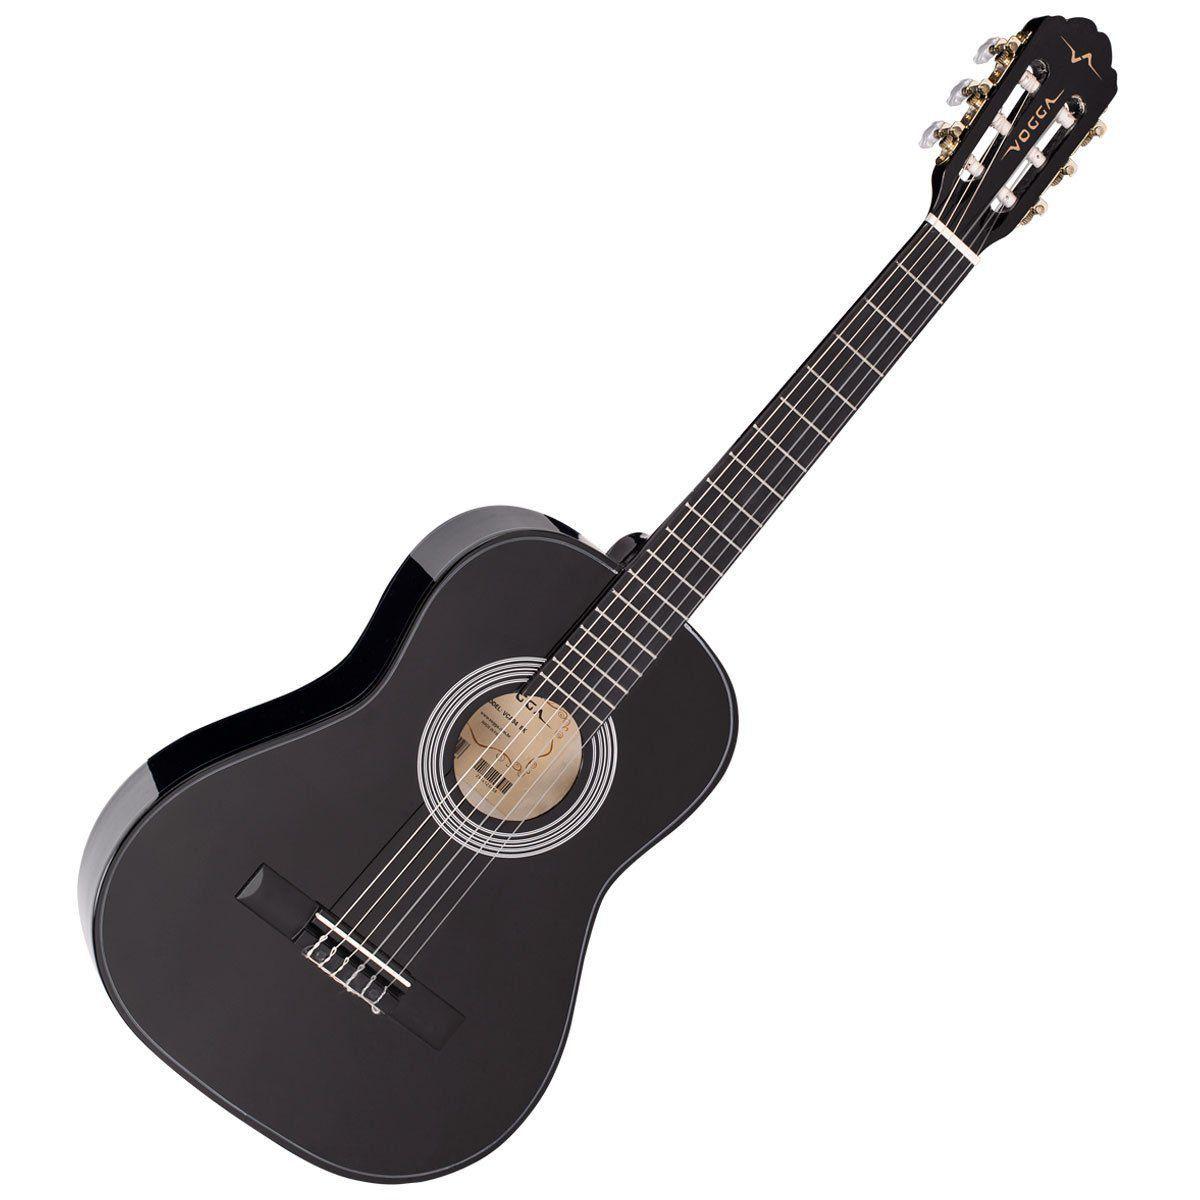 Violao Vogga Infantil Vca94 Preto  - Luggi Instrumentos Musicais